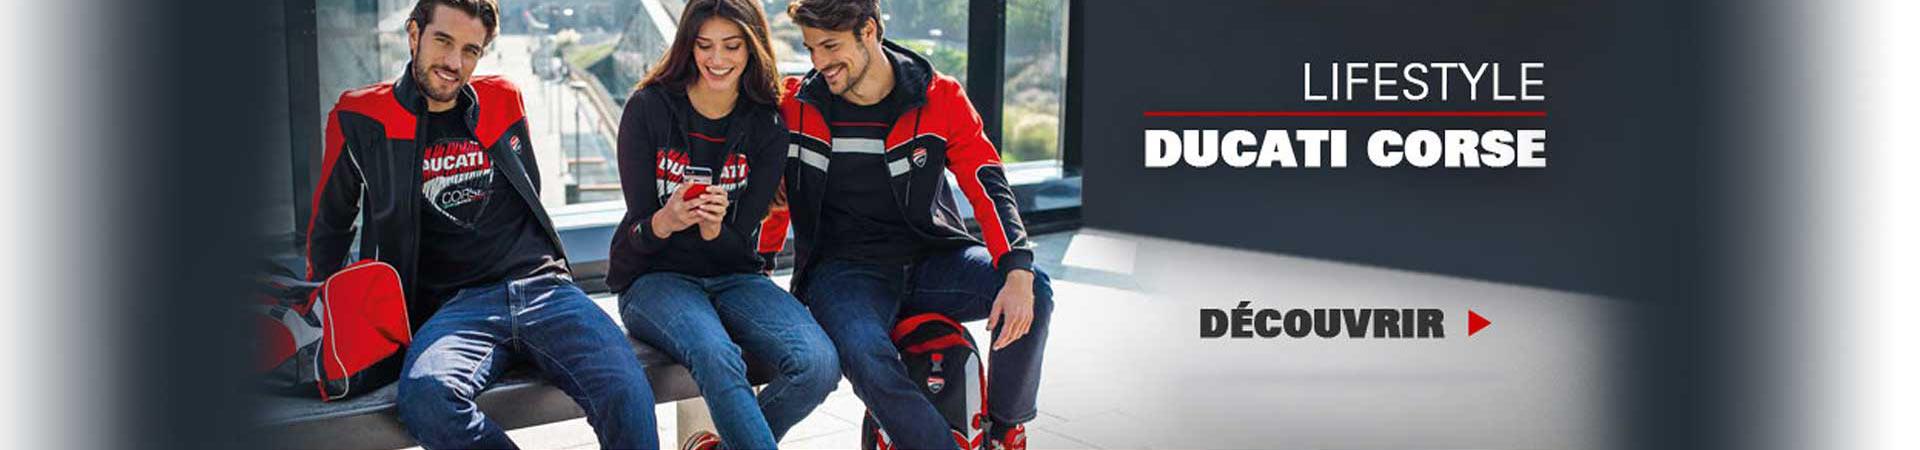 Lifestyle Ducati Corse